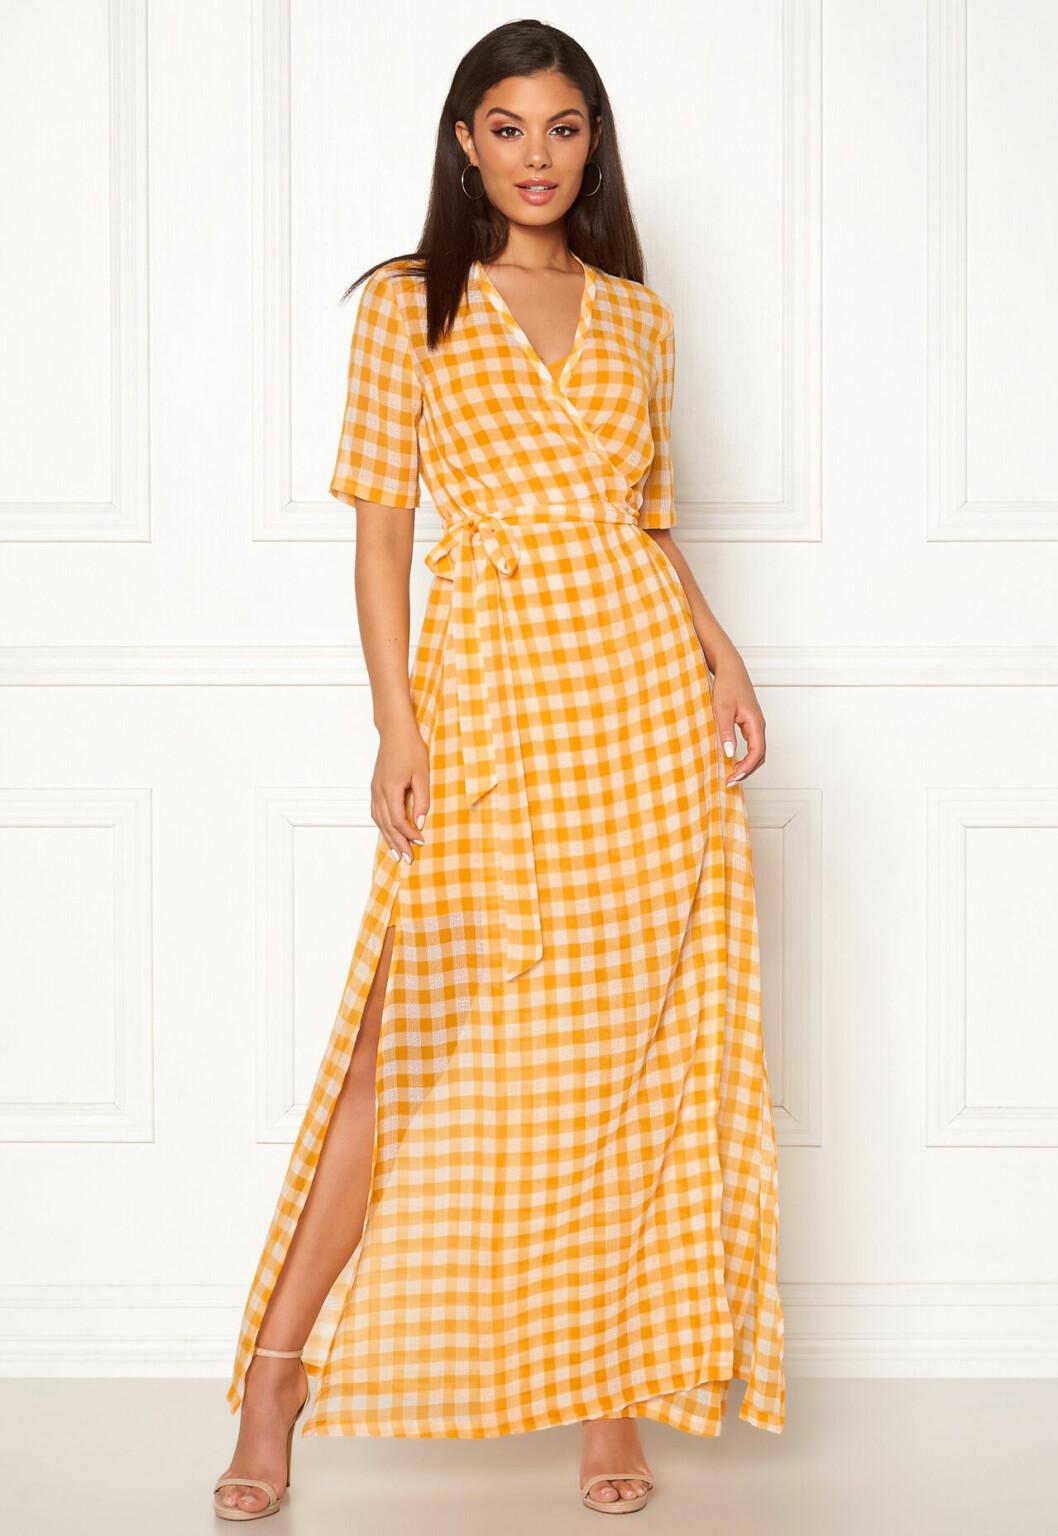 Rutig klänning i omlottmodell till sommaren 2020